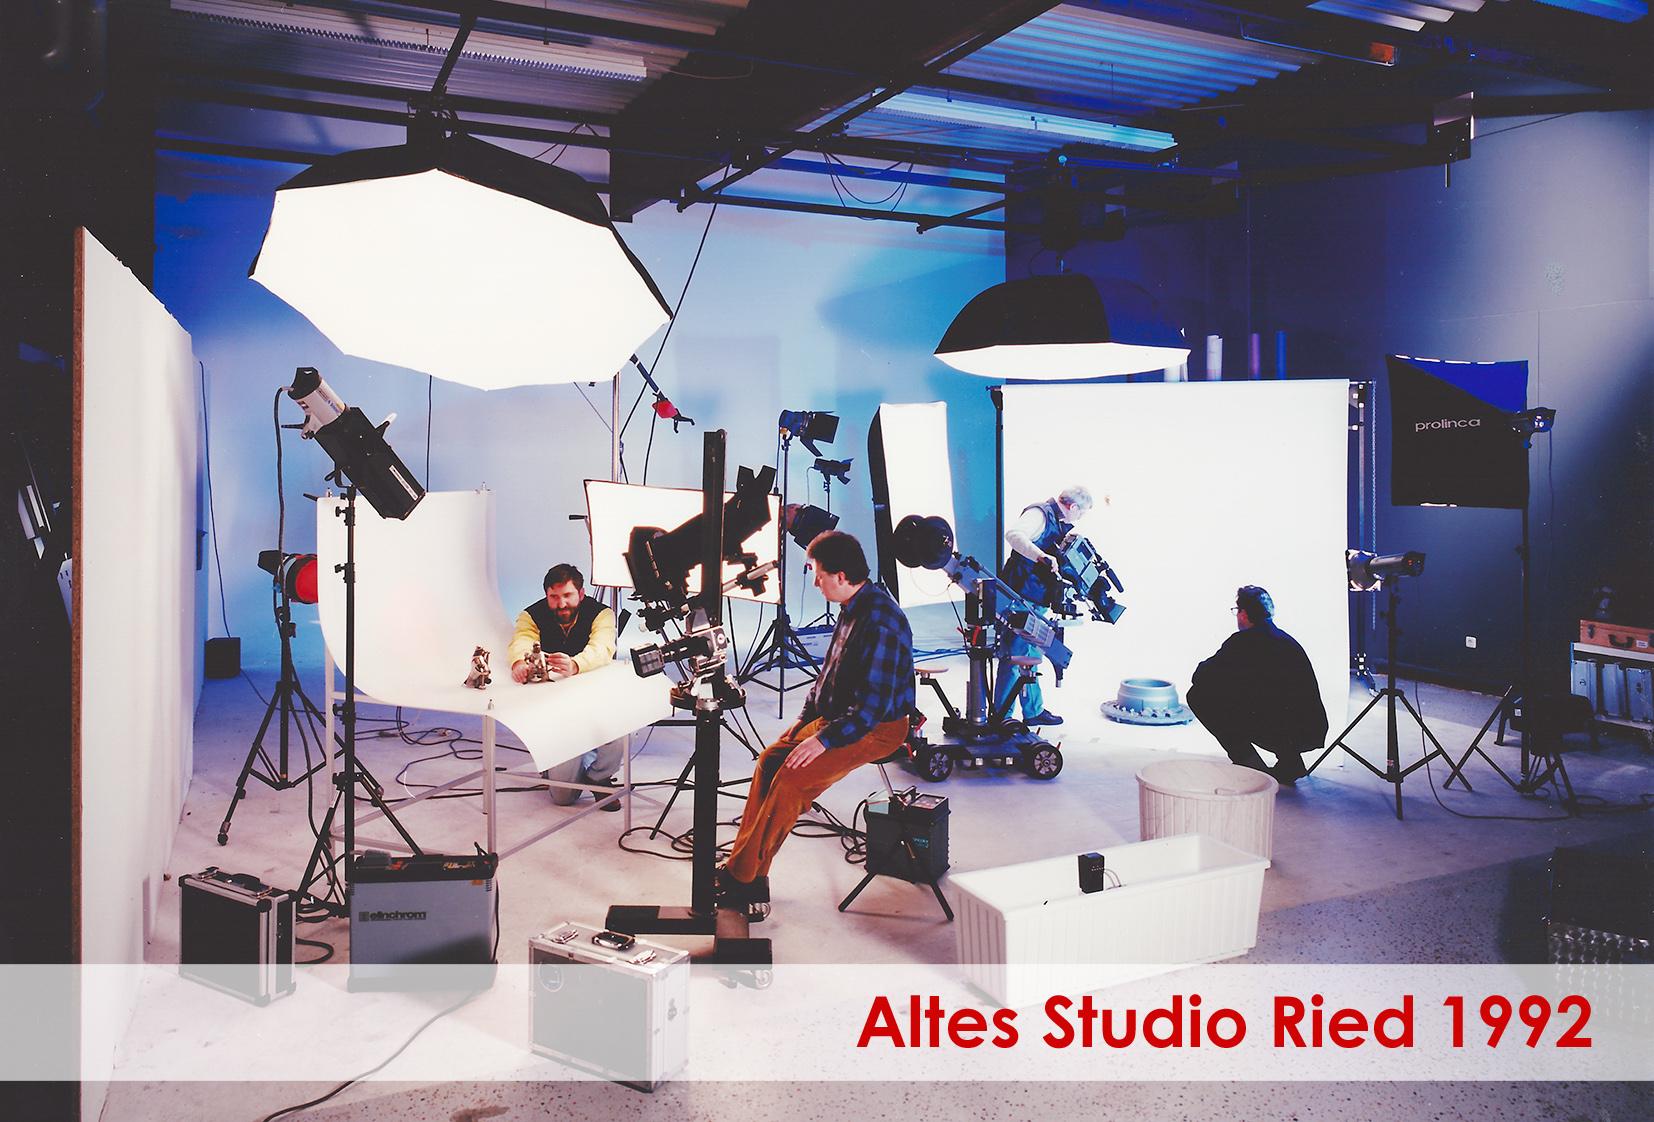 Altes Studio in Ried von Hannes Resch